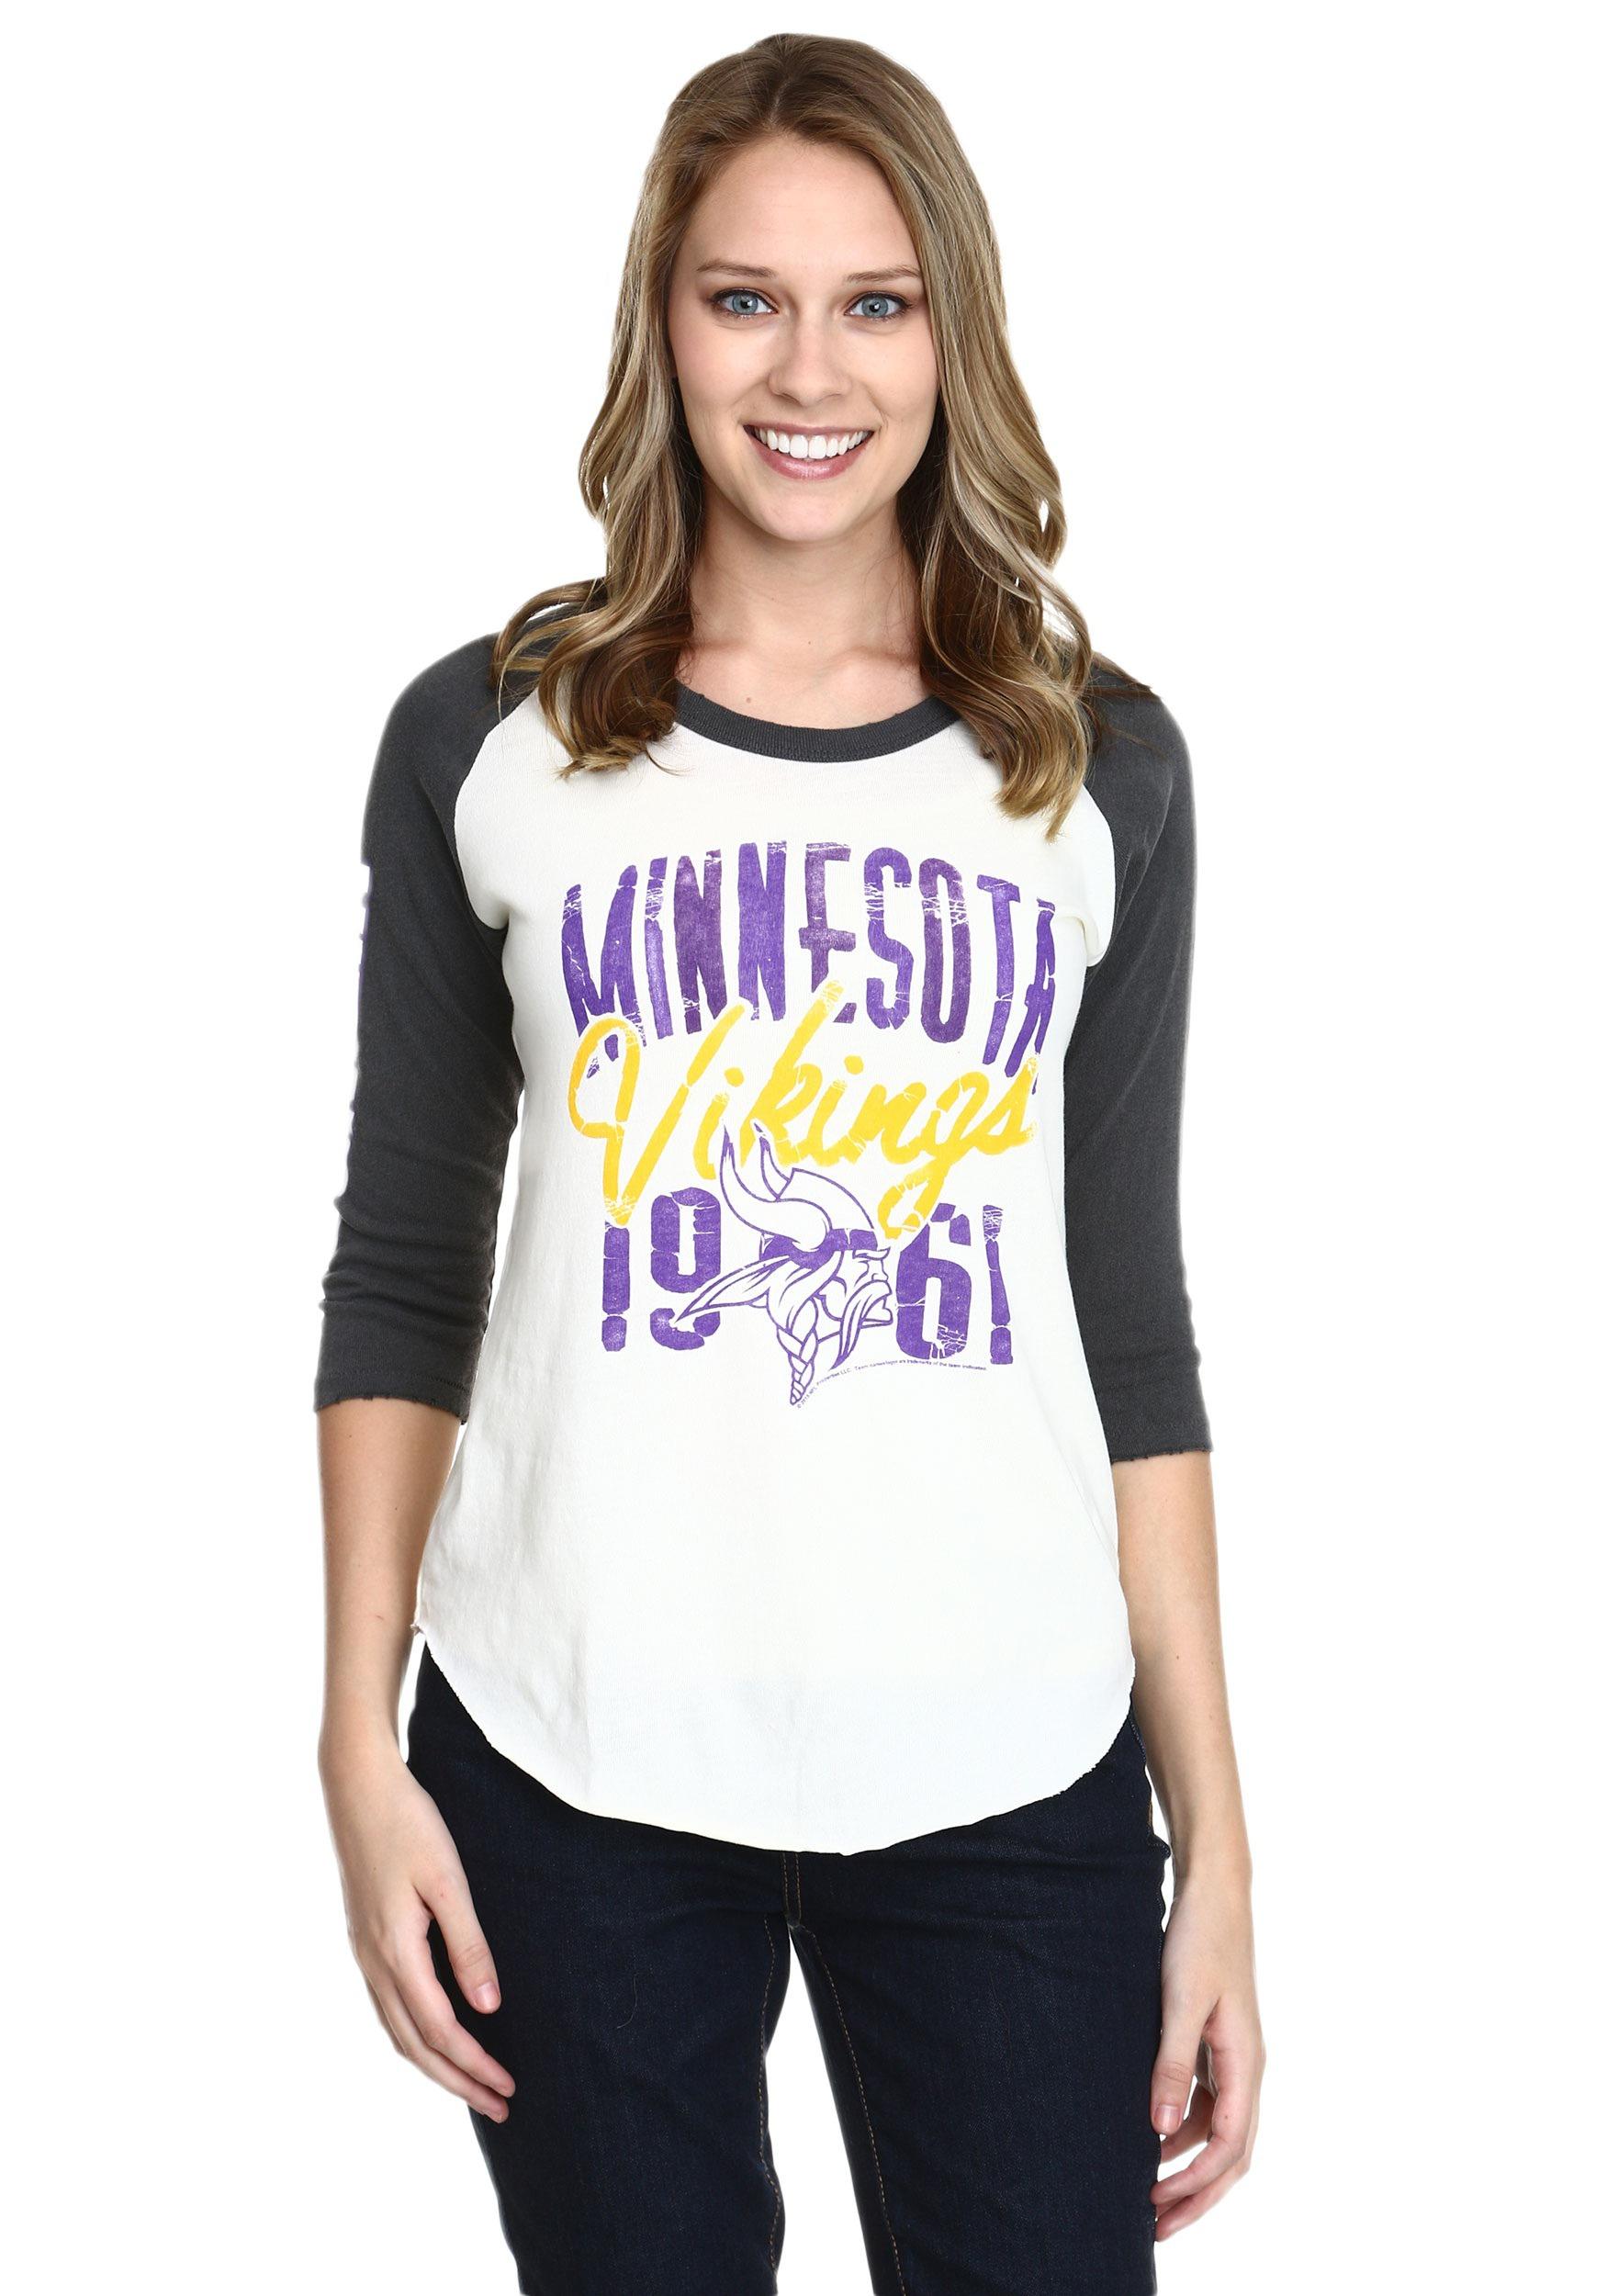 425111b37 Minnesota Viking Shirts - Joe Maloy